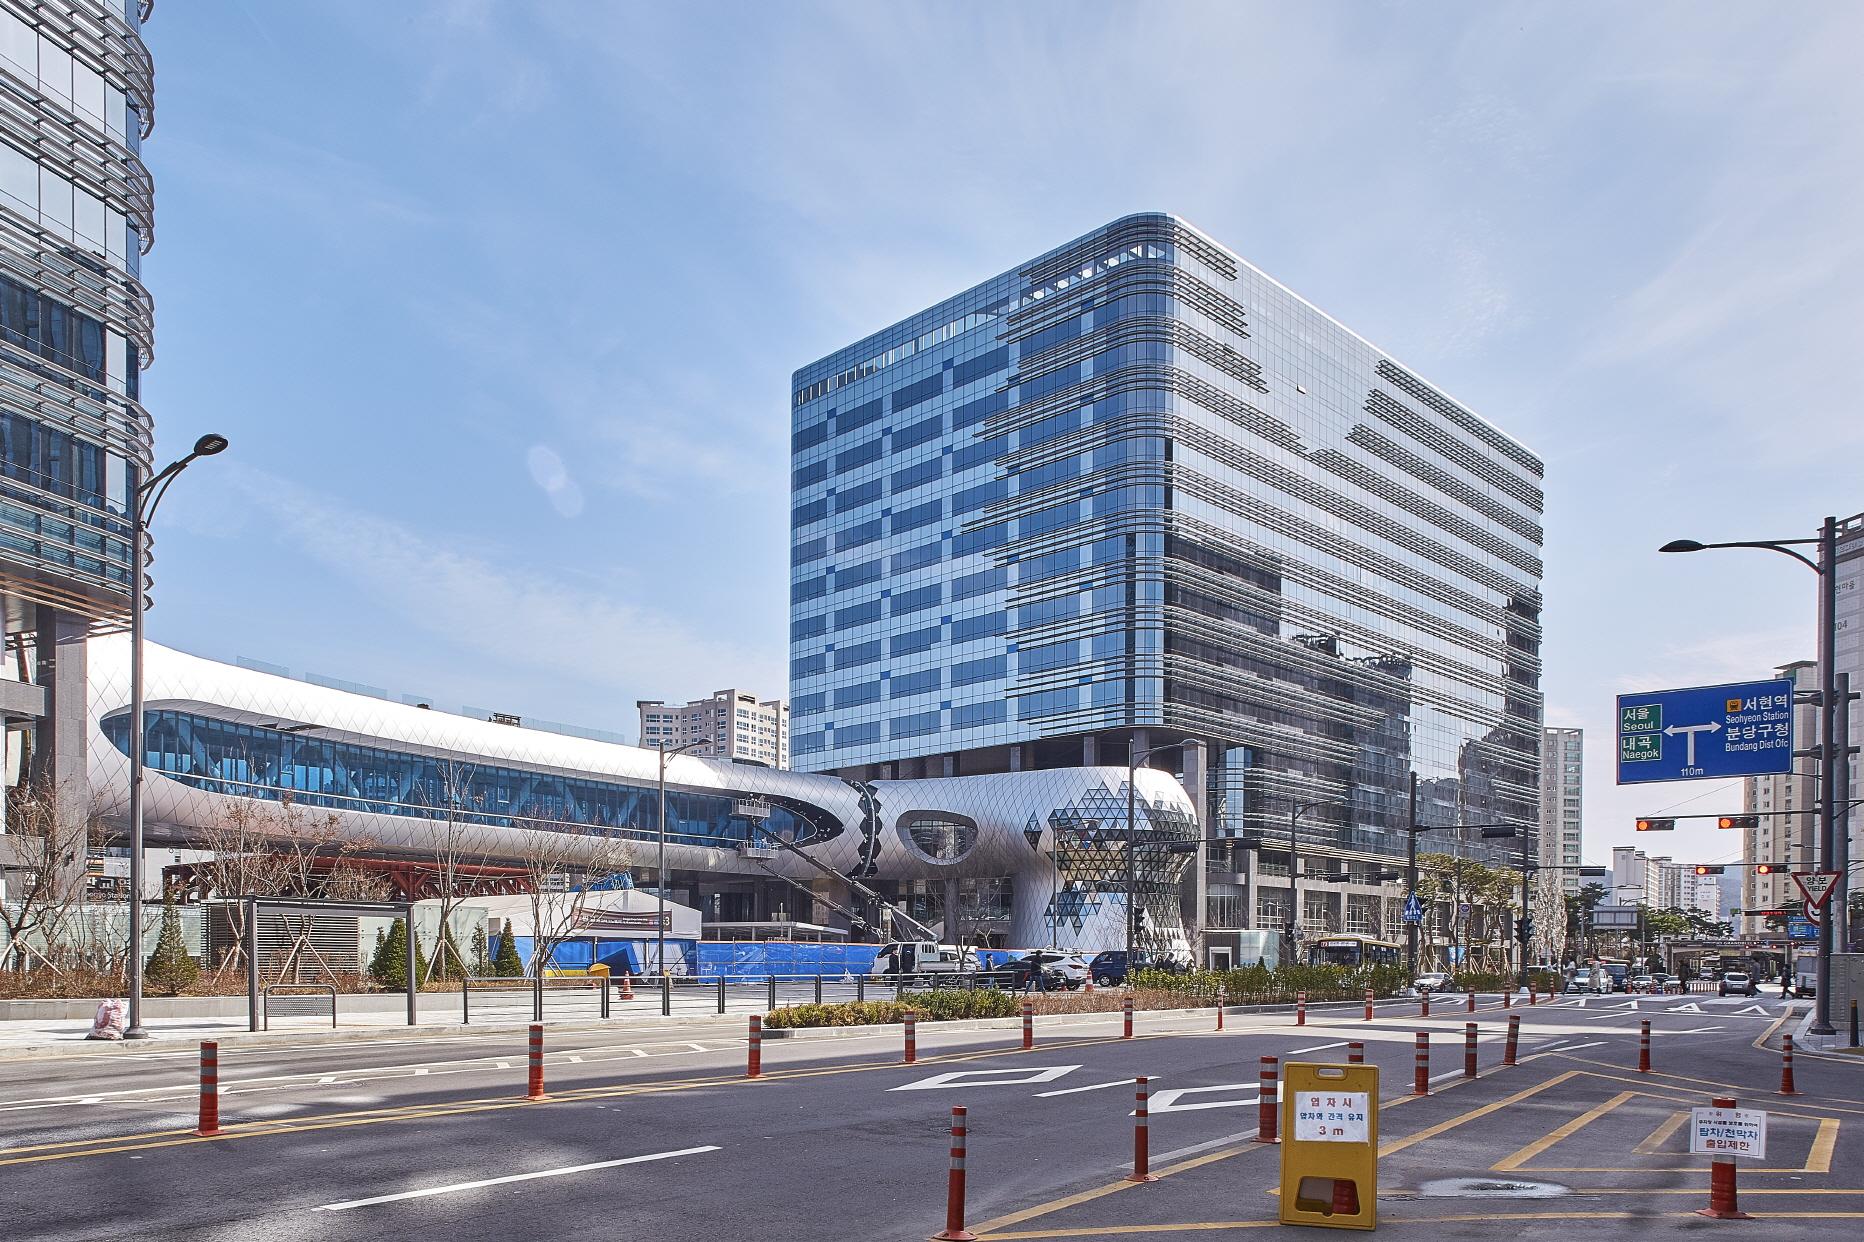 〔안정원의 건축 칼럼〕 판교 핵심지역으로 성장하는 대표적인 업무와 판매시설, 알파돔타워